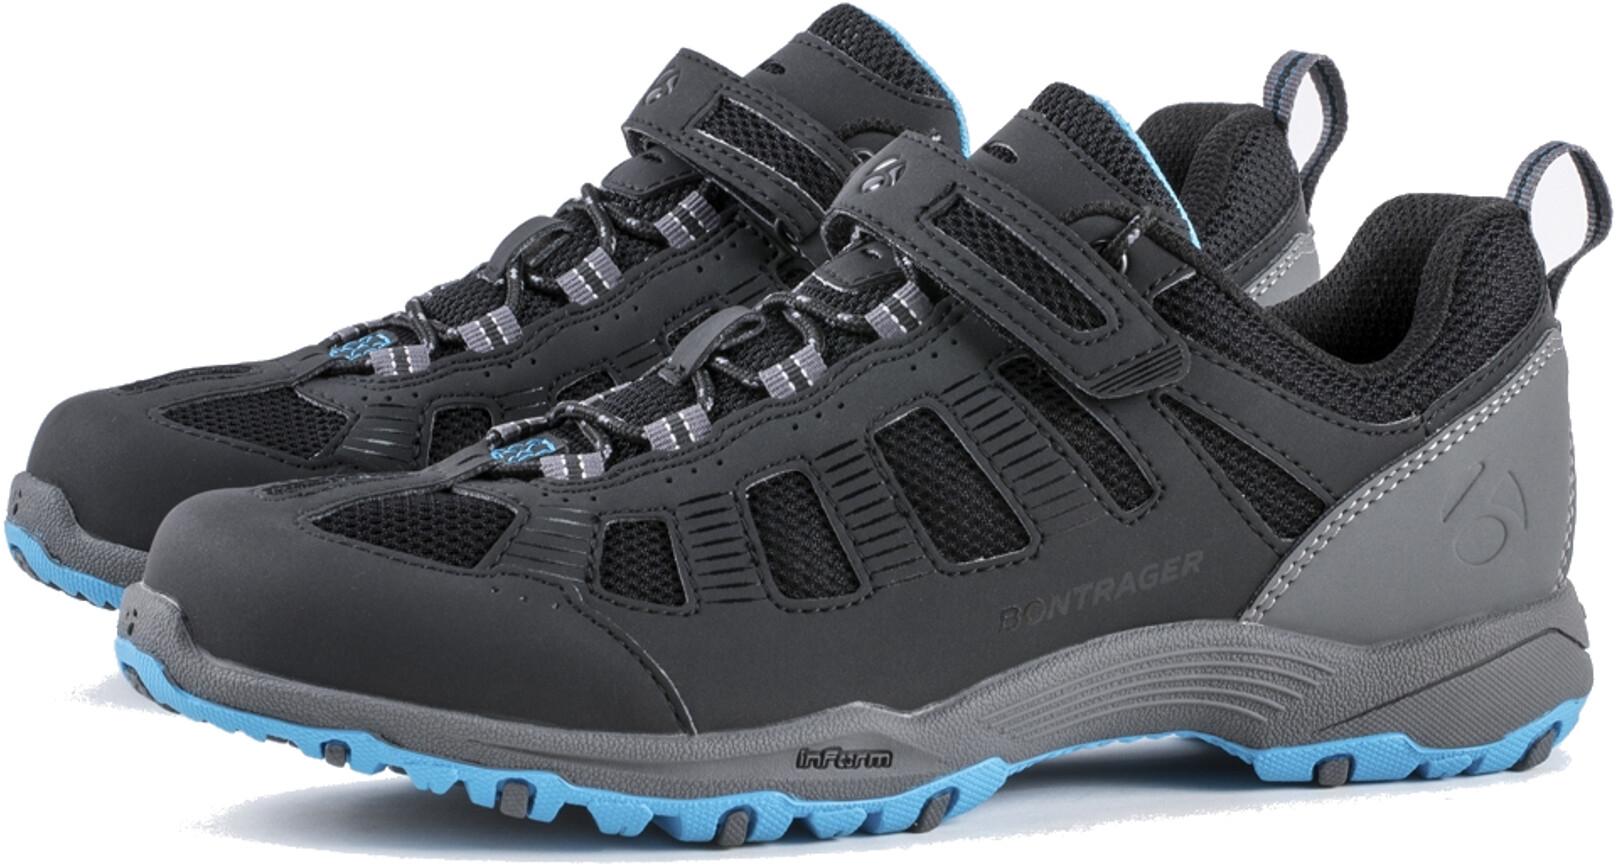 Bontrager SSR Multisport Sko Damer, anthracite (2019) | Shoes and overlays